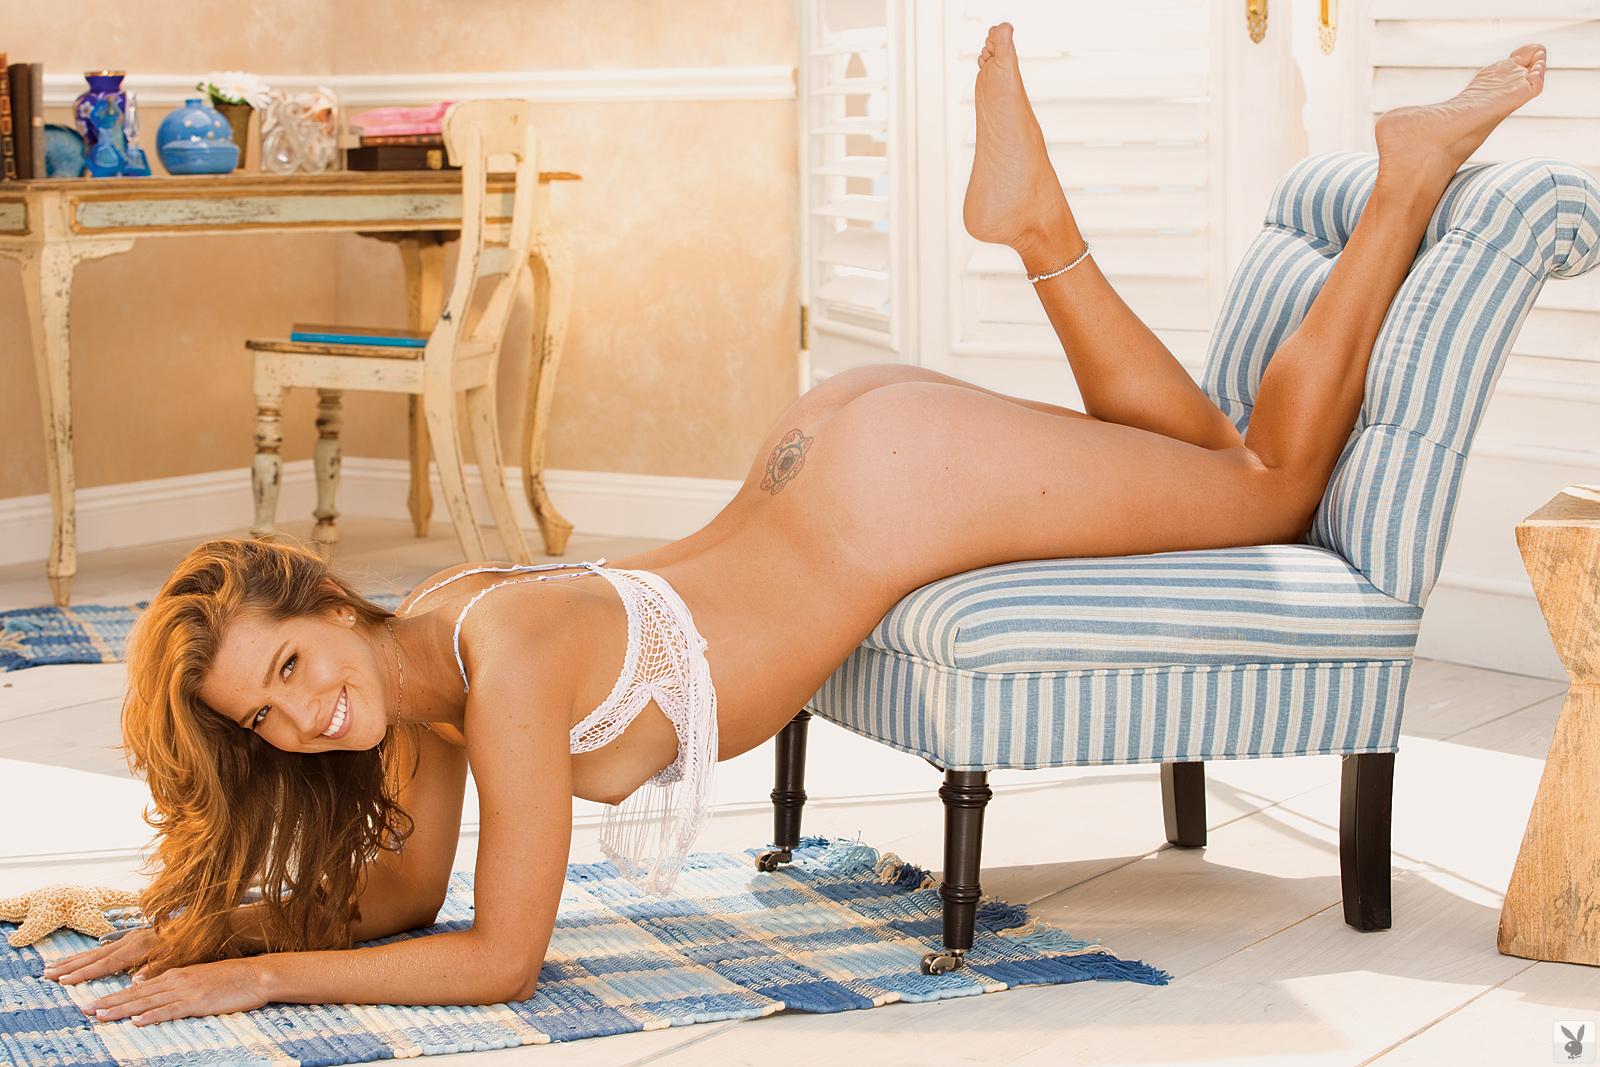 ashley harkleroad nude for playboy